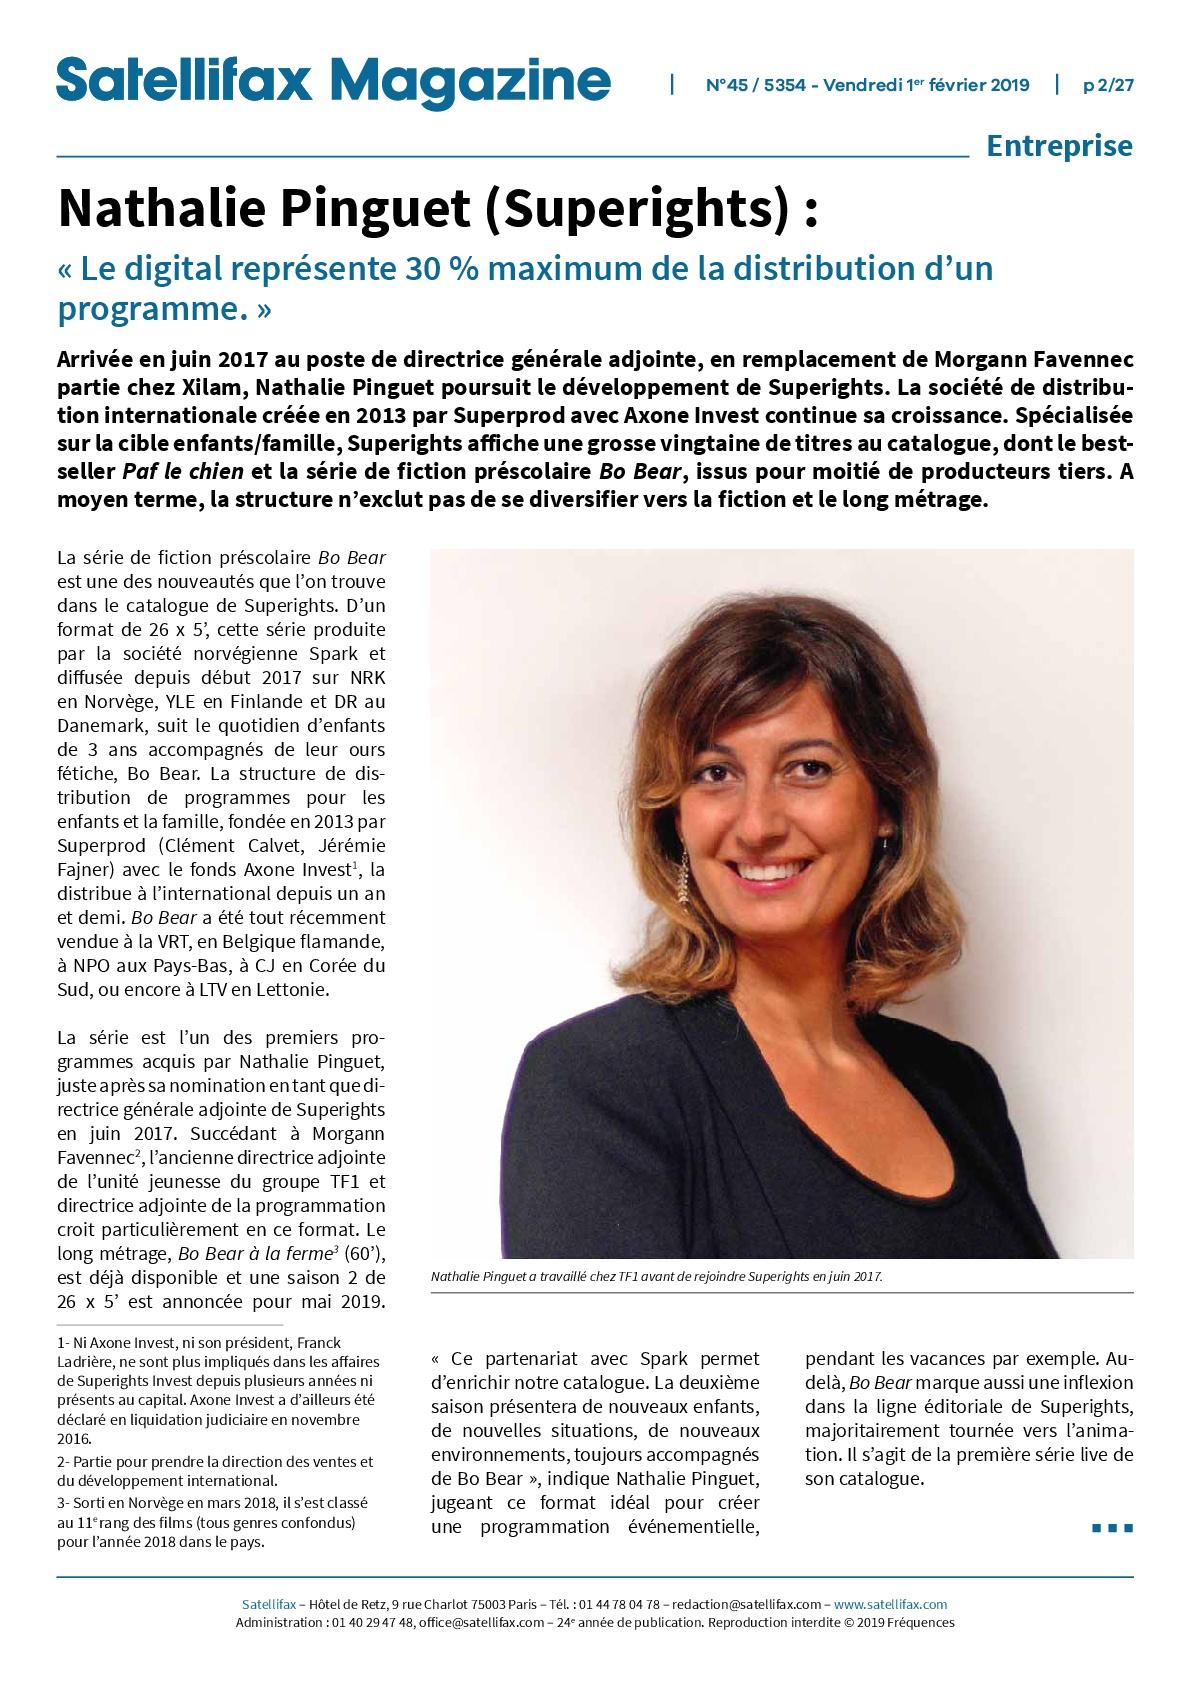 Satellifax Magazine – Interview Nathalie Pinguet